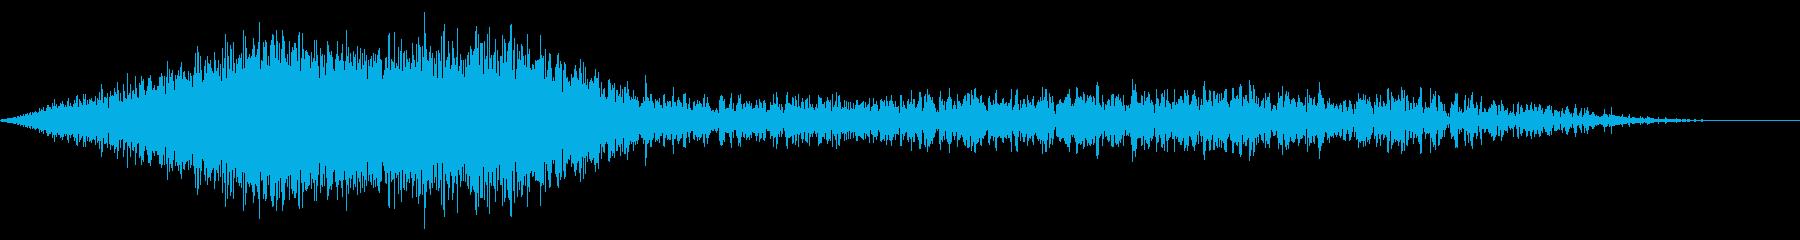 シューッという音EC07_91_4の再生済みの波形